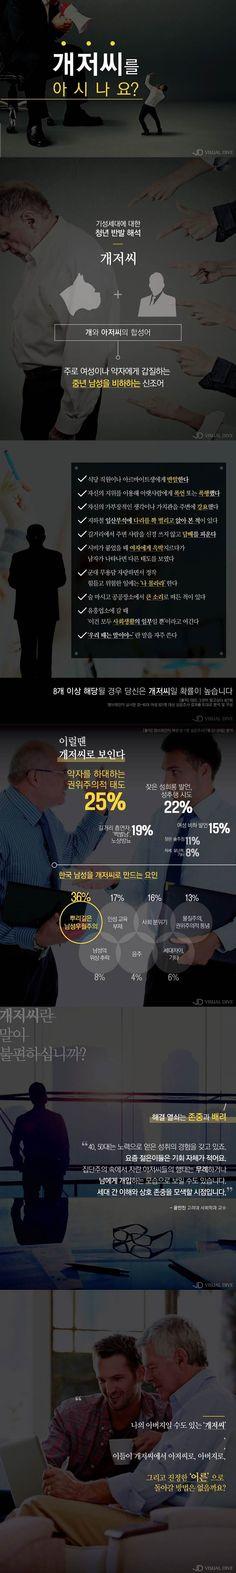 '개저씨'를 아시나요? [인포그래픽] #man / #Infographic ⓒ 비주얼다이브 무단 복사·전재·재배포 금지